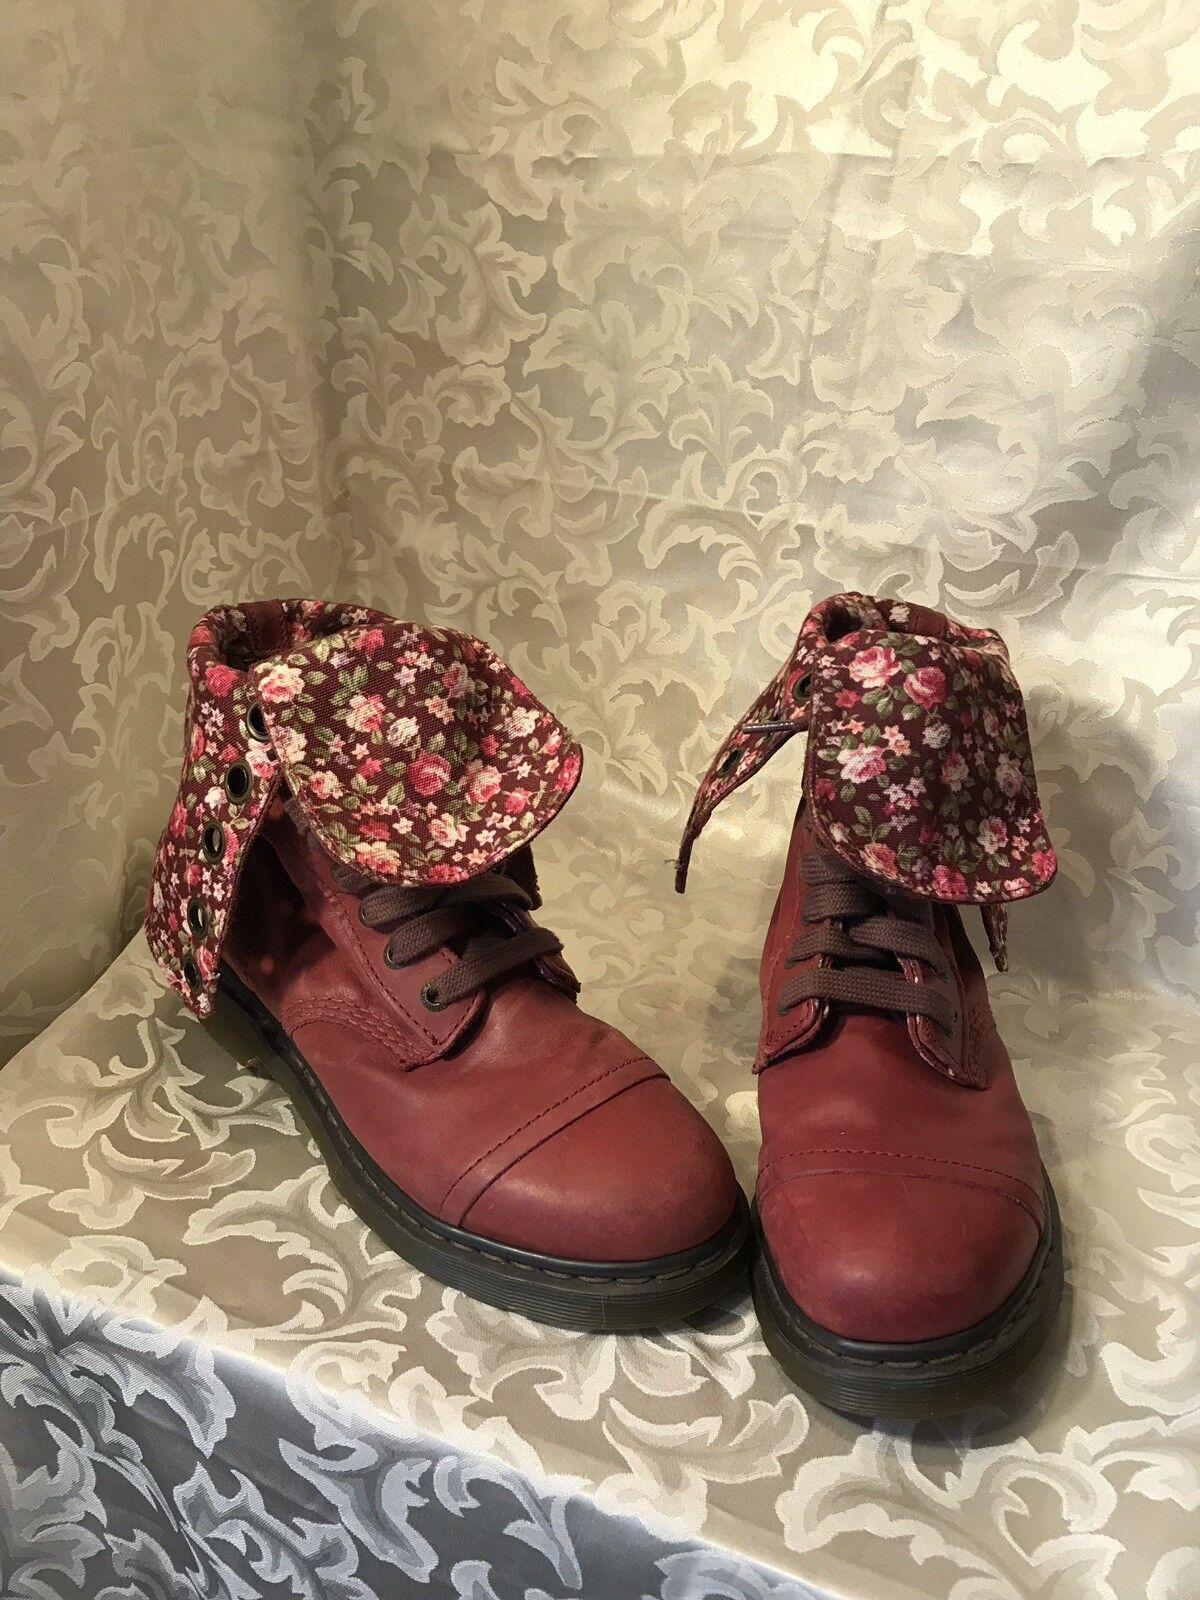 Dr Martens Airwair triunfo botas Mujer Talla 11US 43 9 9 9 Rojo Cereza Floral baje  barato y de alta calidad